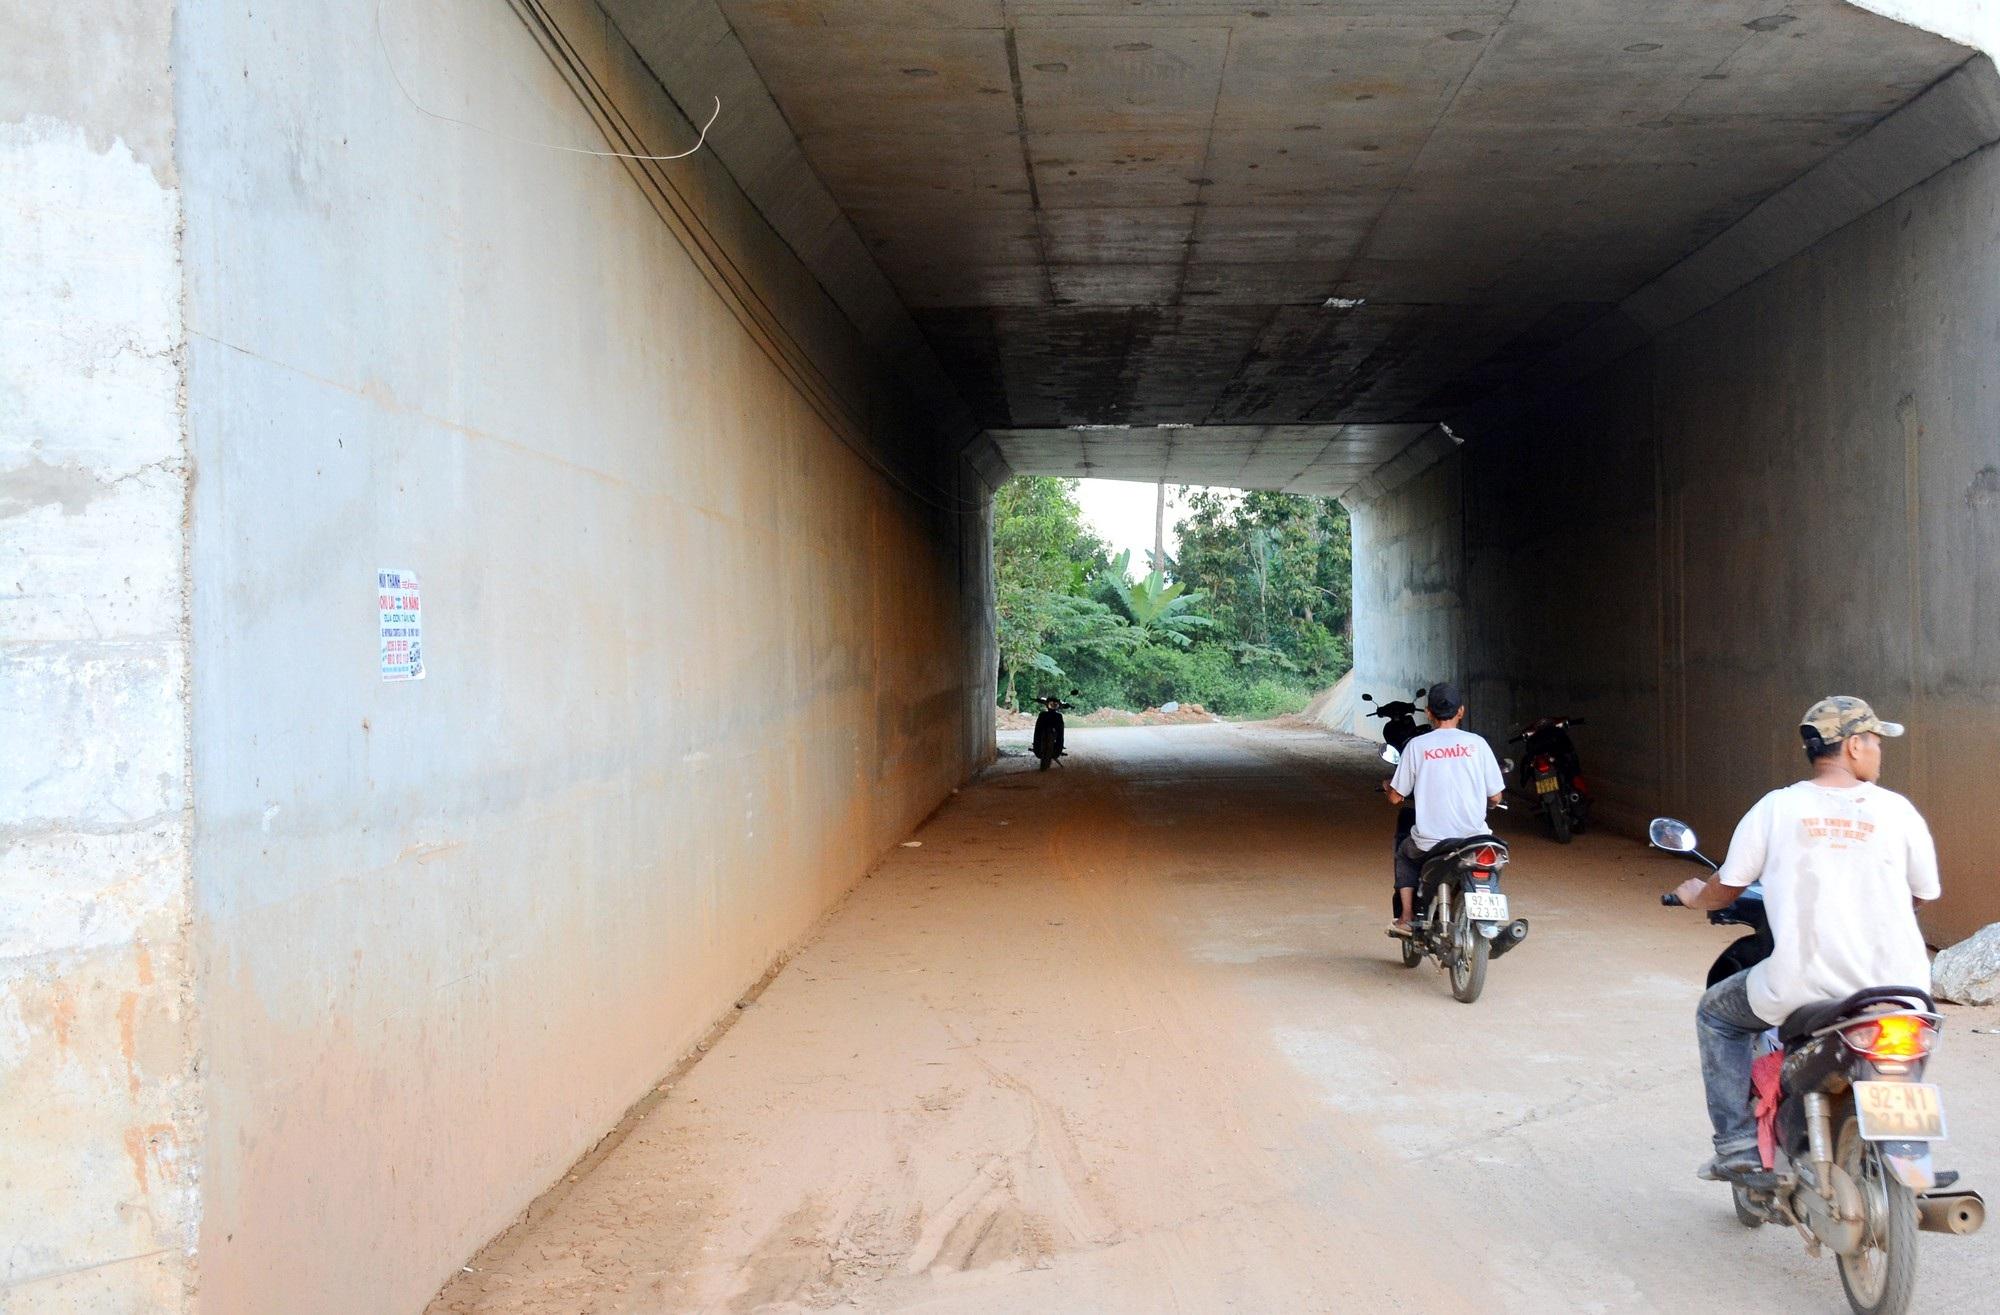 Chống thấm hầm chui cao tốc Đà Nẵng - Quảng Ngãi bằng... băng keo? - Ảnh 1.